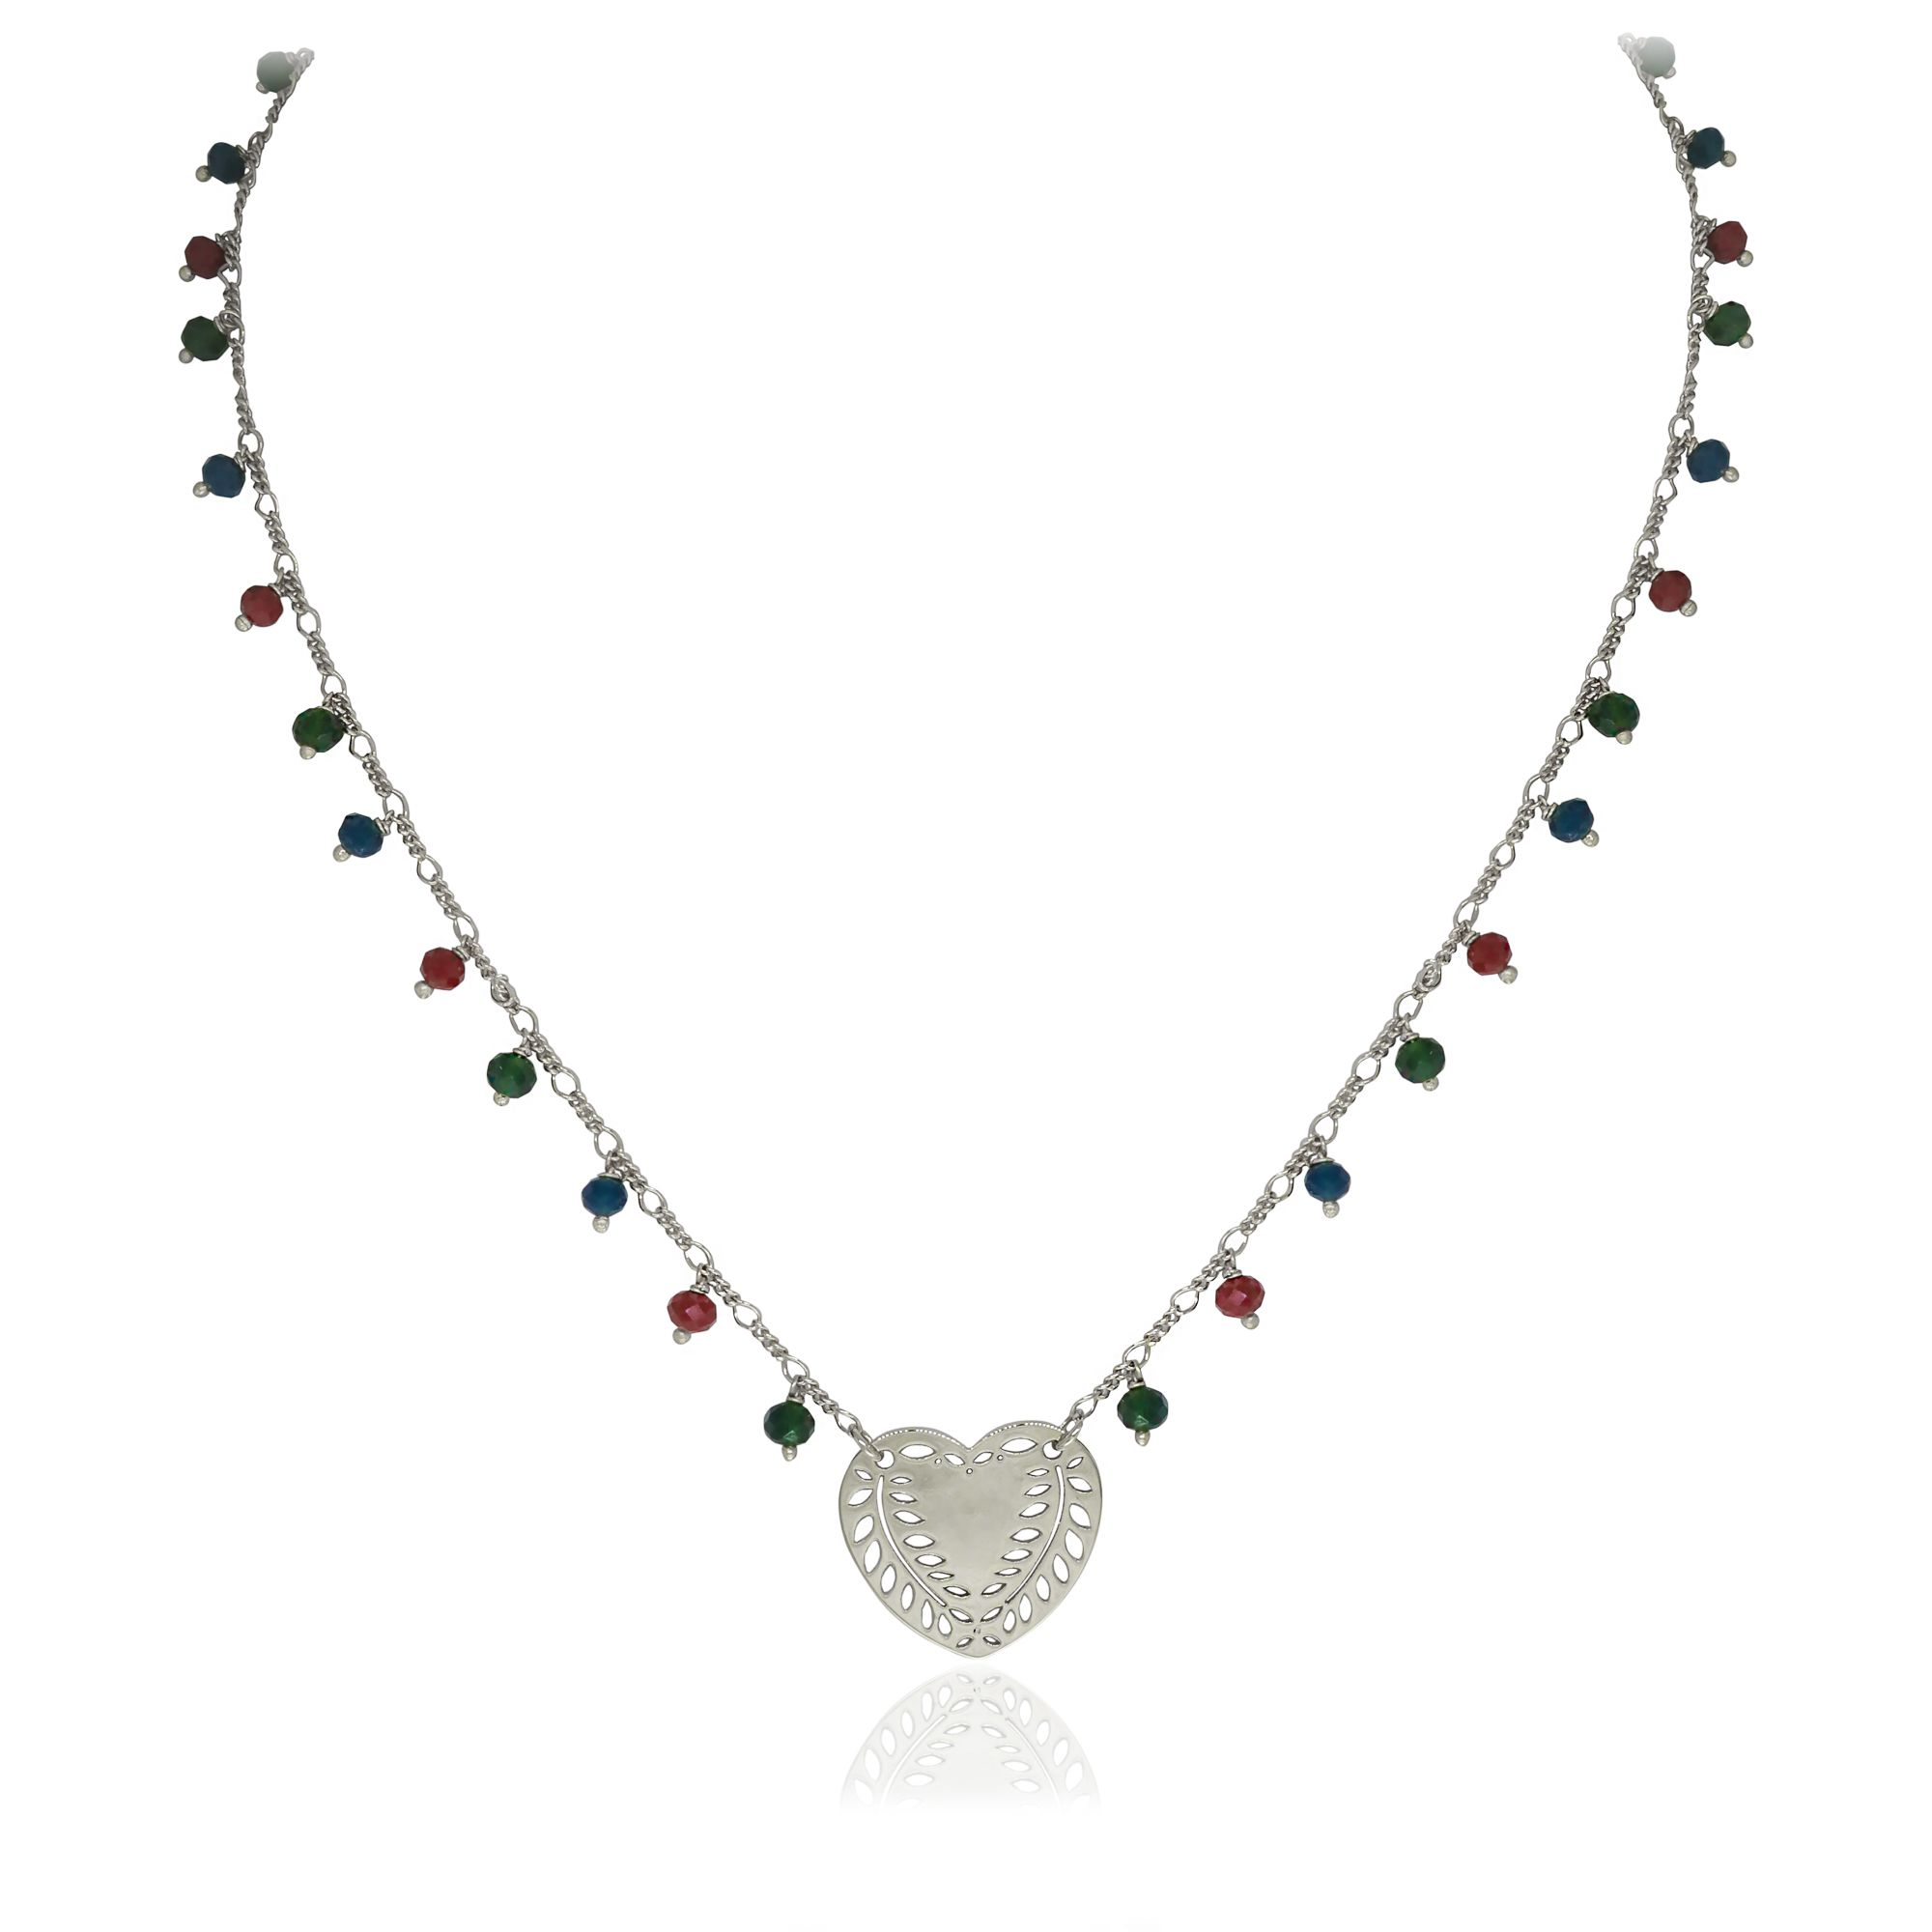 Colar Semi joia Coração vazado com cristais na corrente folheado a ouro 18k ou rhodium